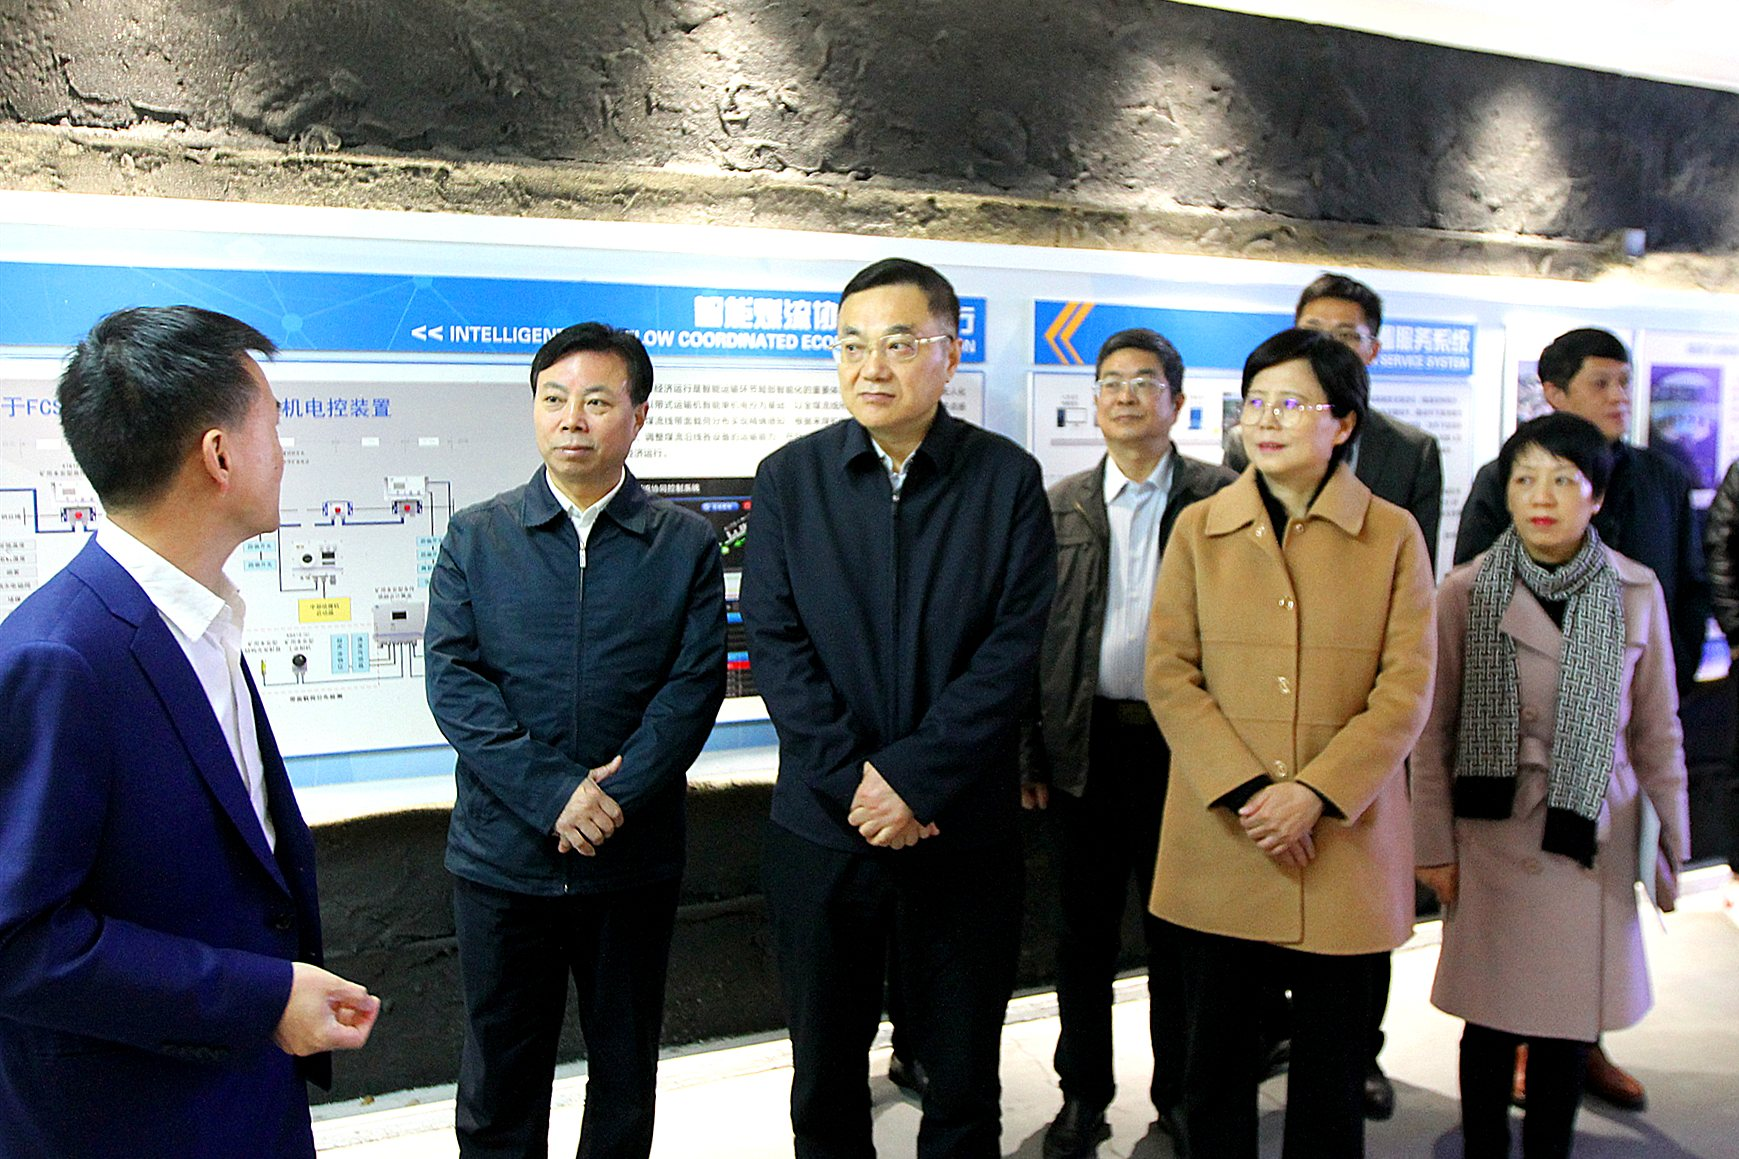 江苏省人大常委会副主任刘捍东一行到常州研究院调研